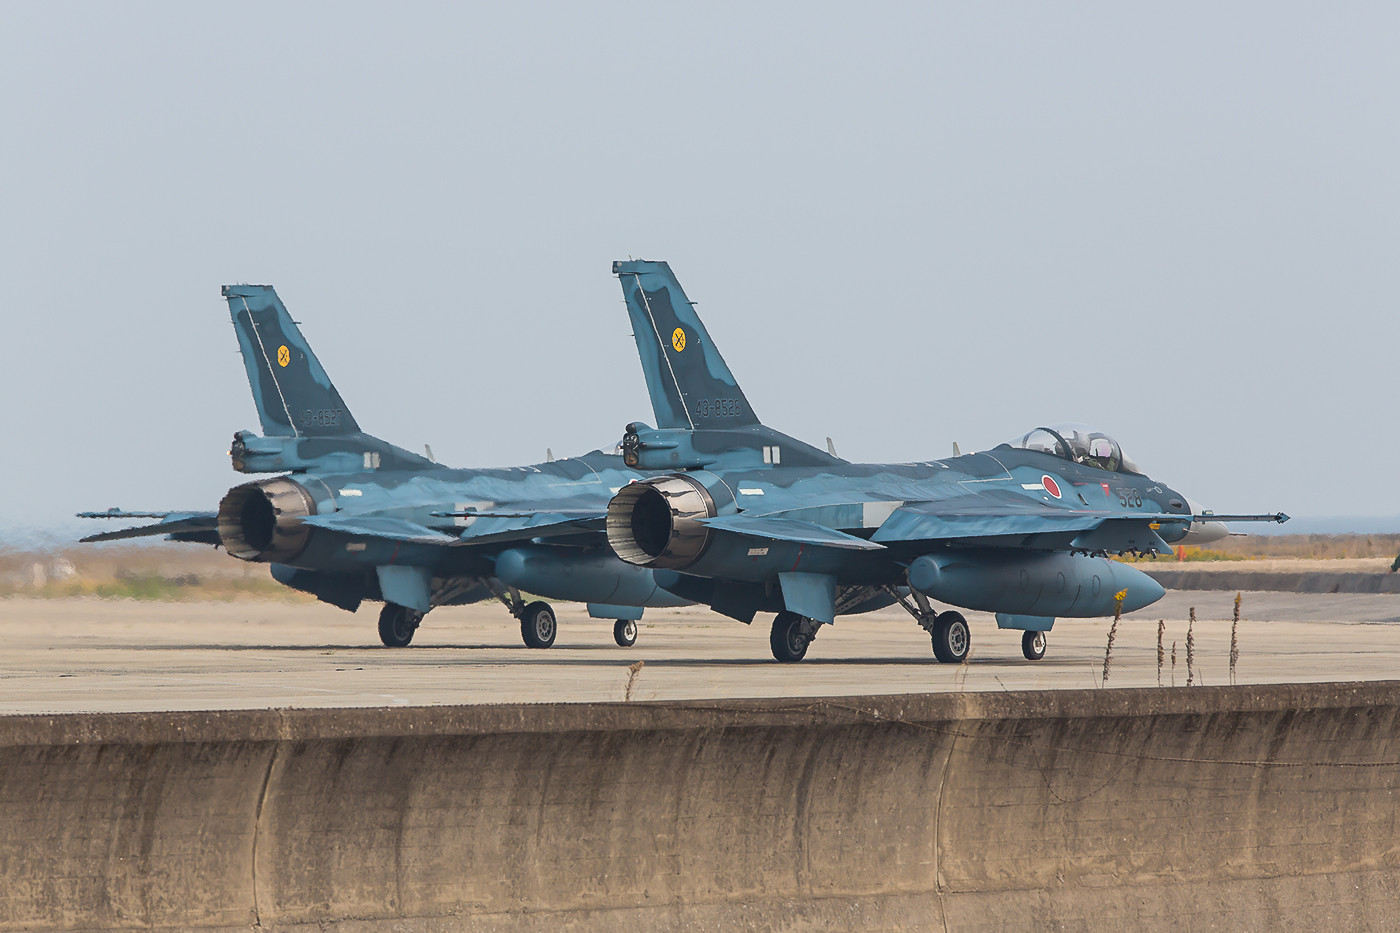 Zwei F-2 auf der Last-chance.